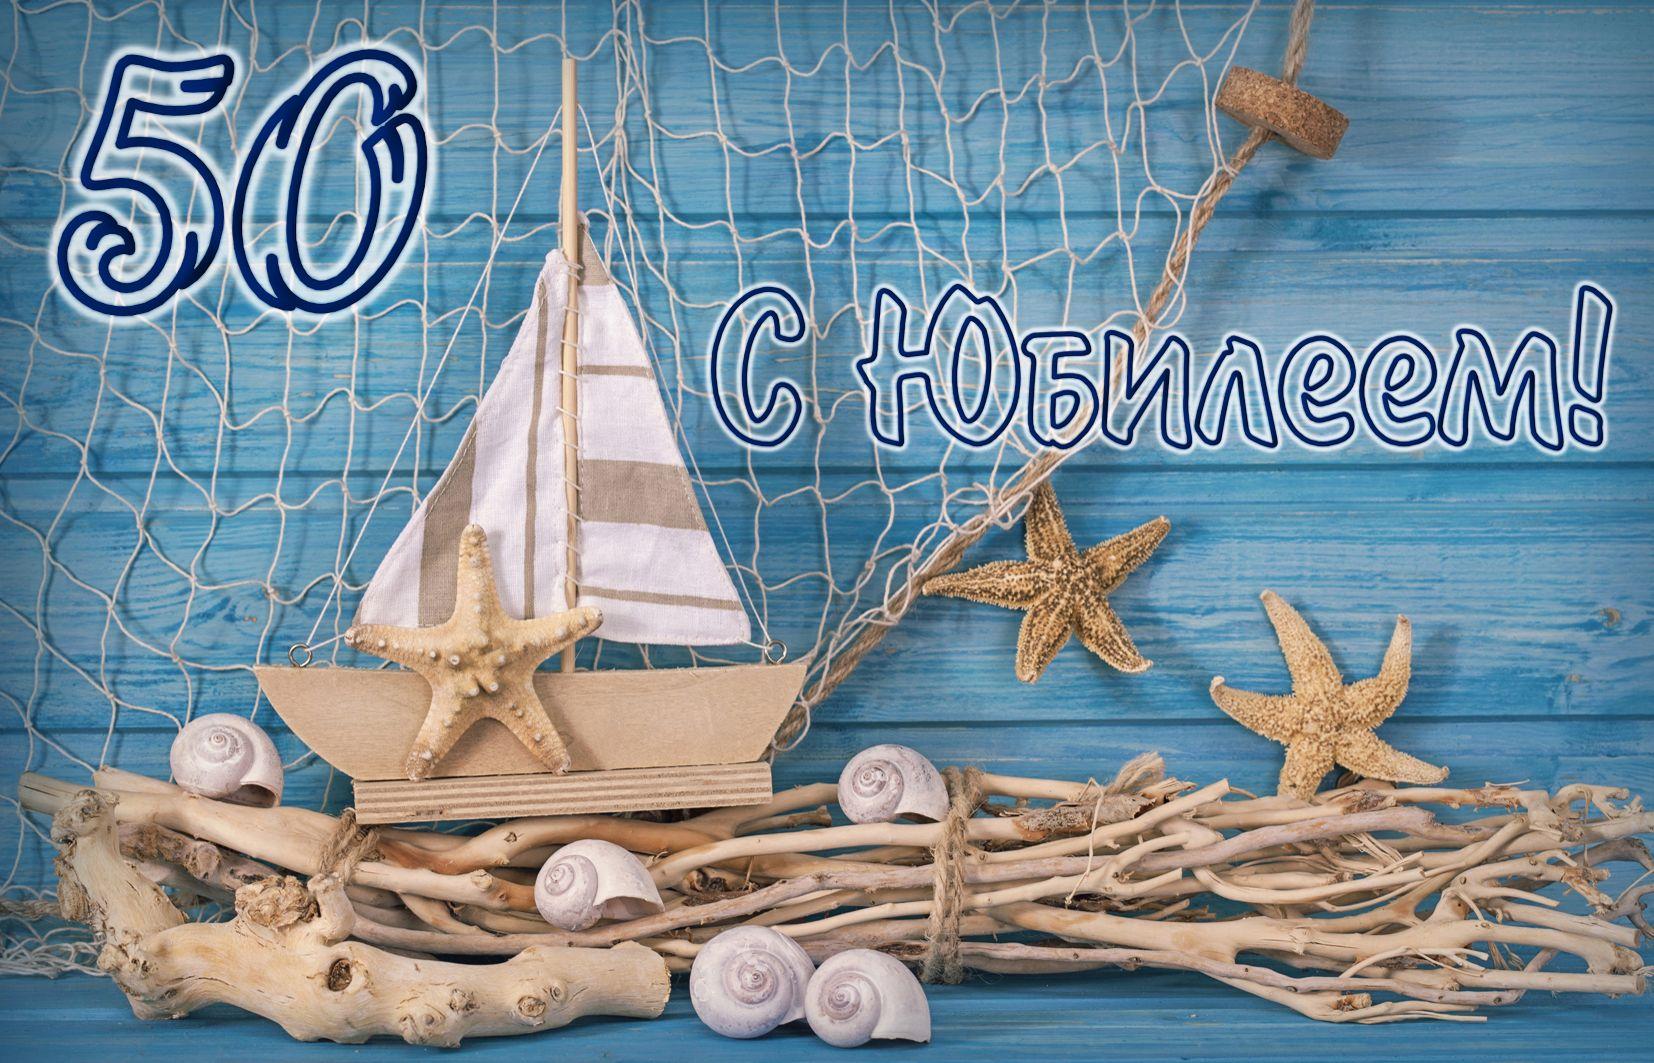 Открытка на юбилей 50 лет - игрушечная яхта на синем фоне с ракушками